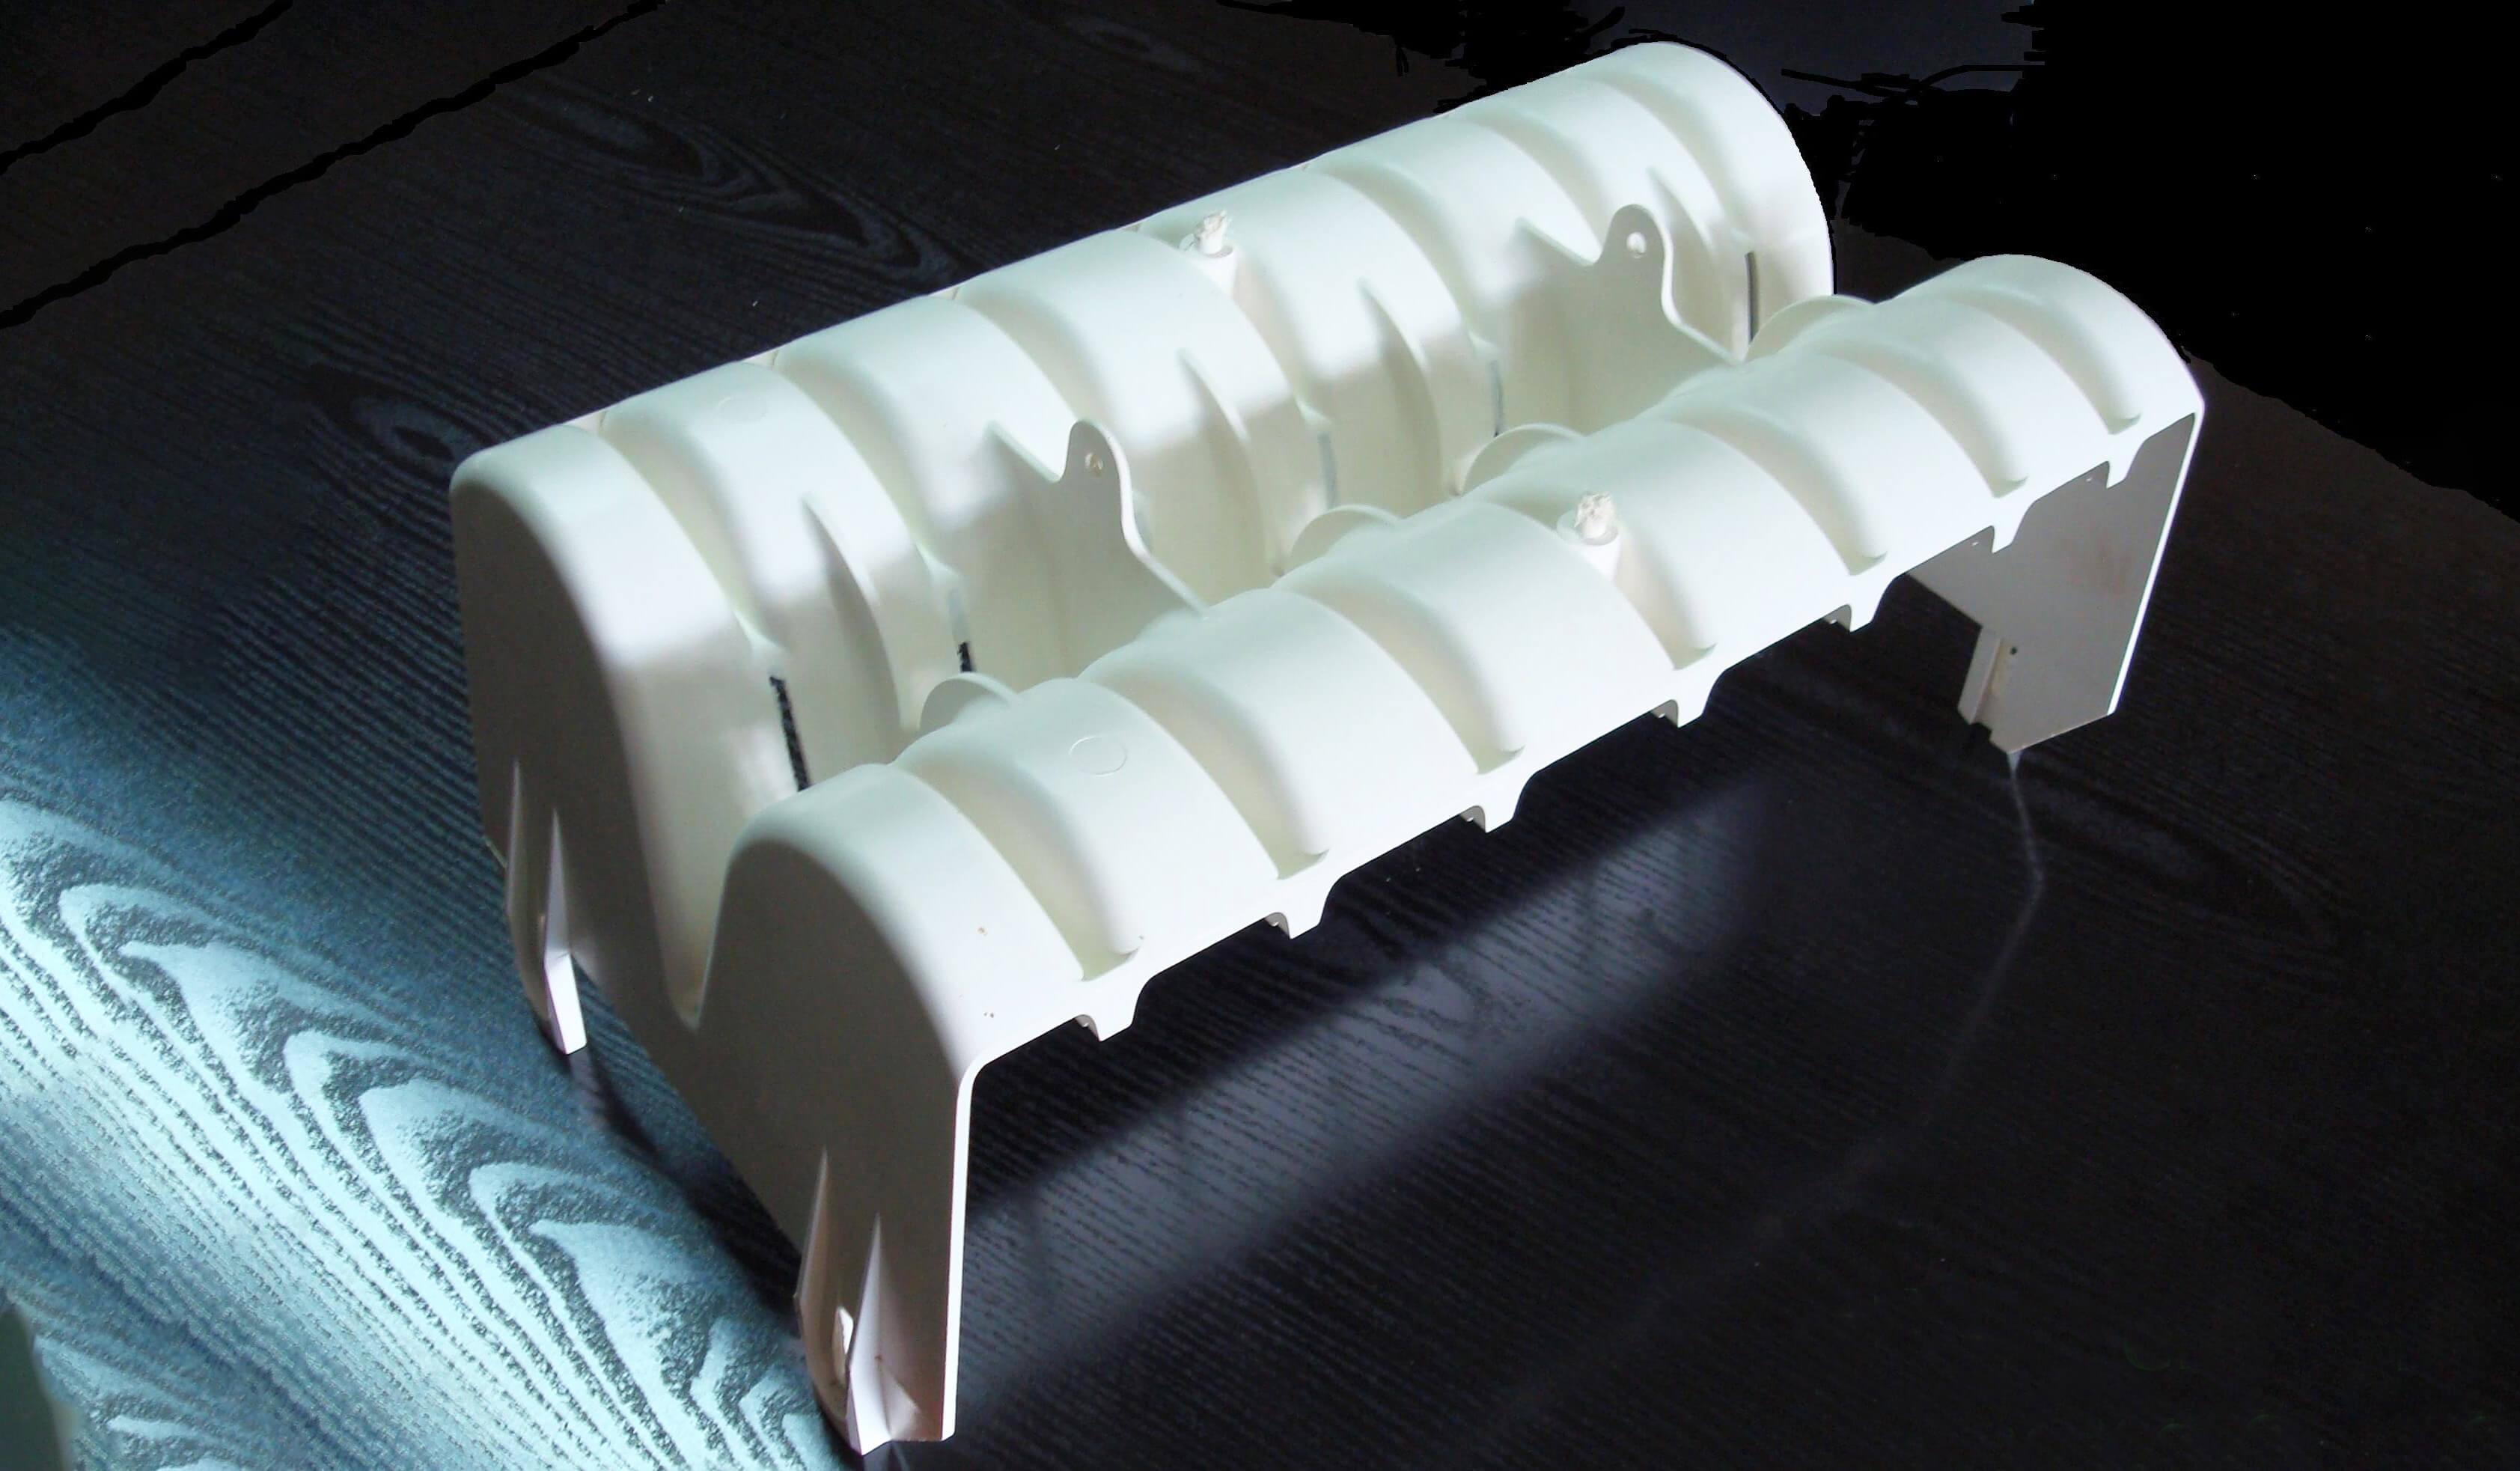 Reffay sas, fabricant de pieces plastique sur mesure